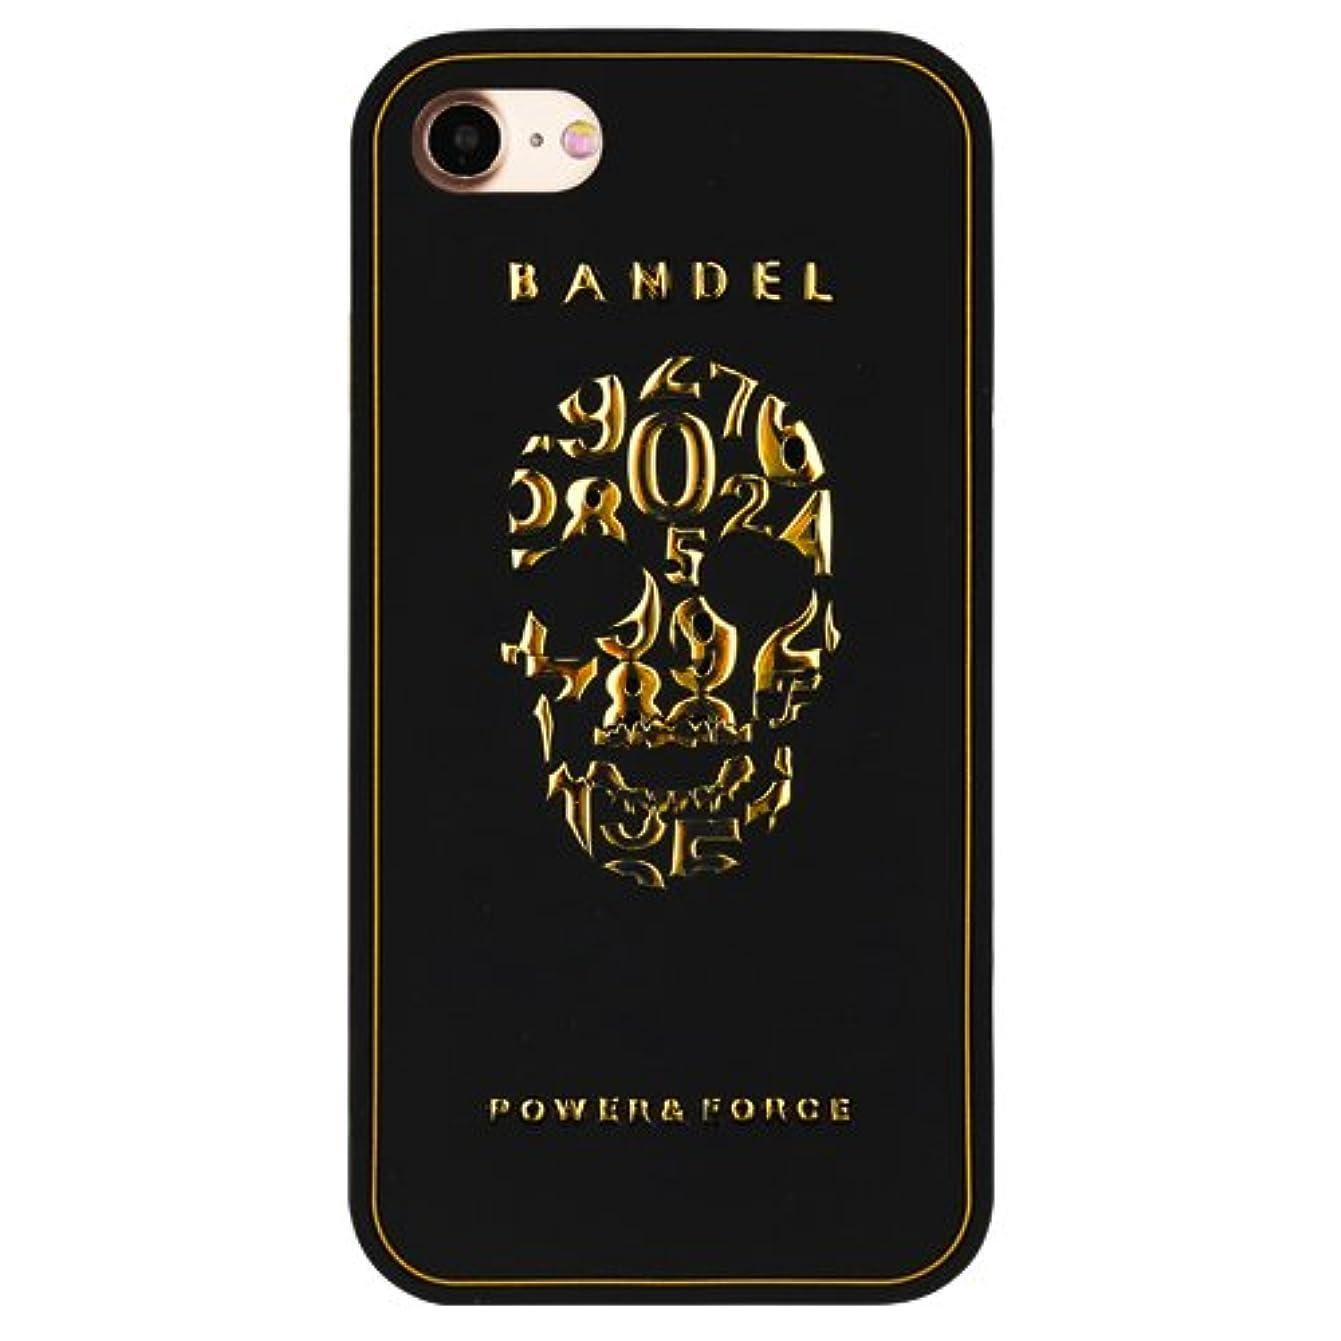 抹消ベル省略バンデル(BANDEL) iPhone7ケース スカル ブラック×ゴールド [iPhone7用シリコンケース]